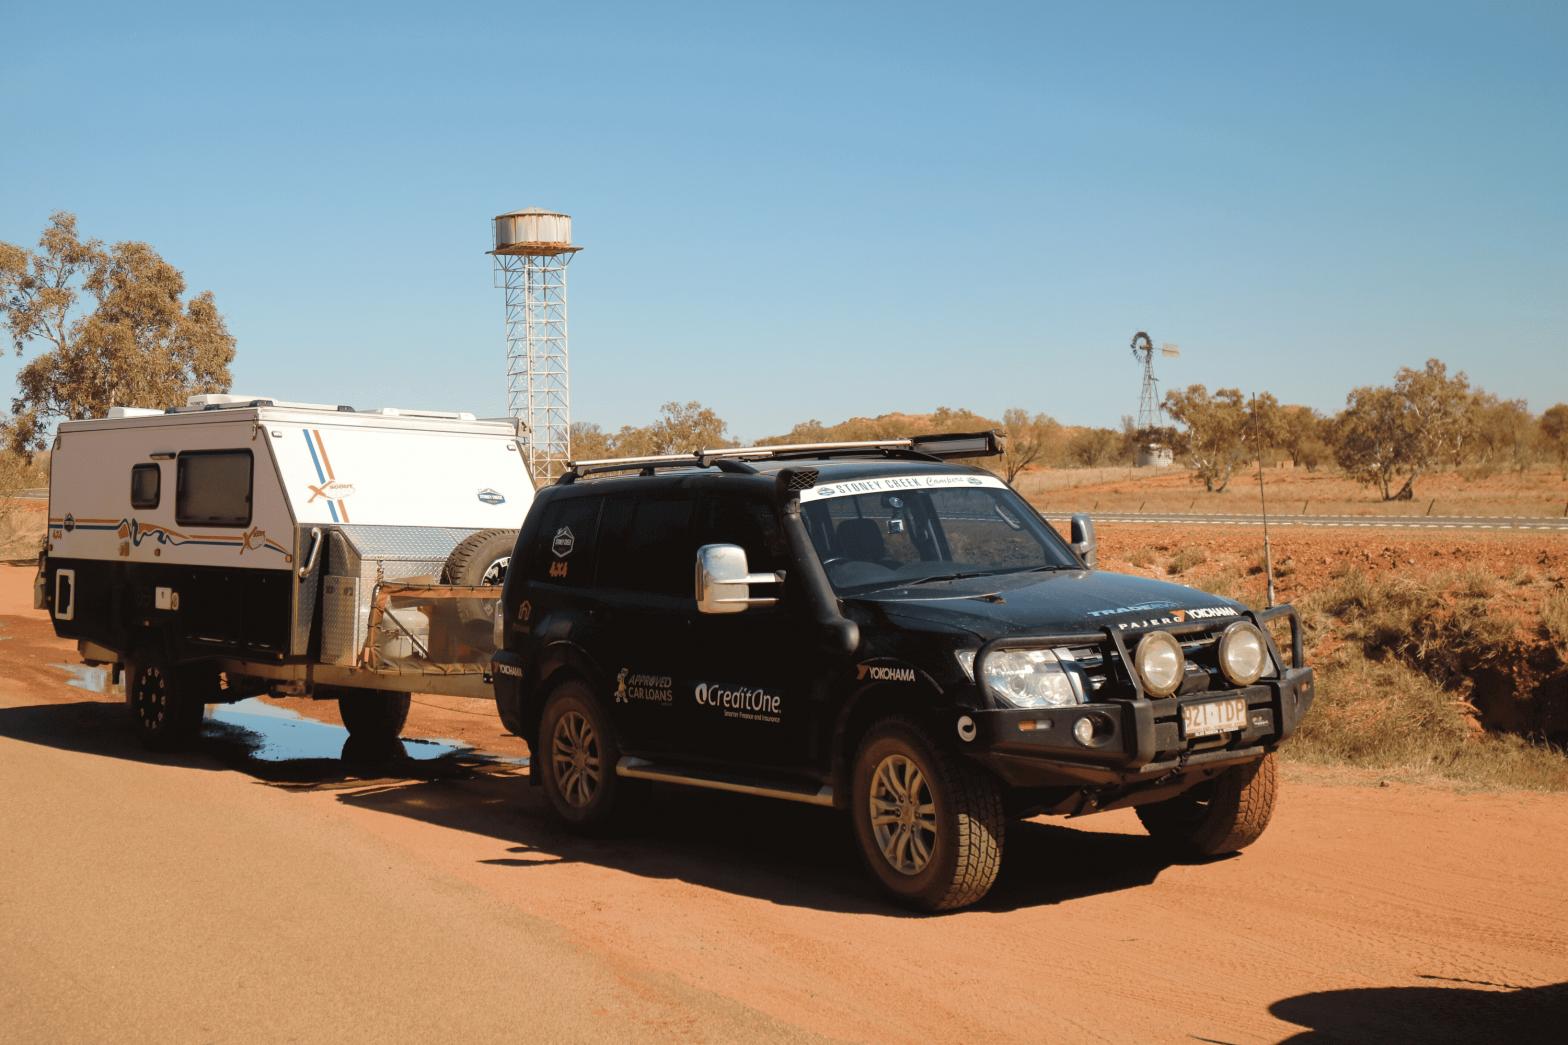 Black 4WD towing a caravan